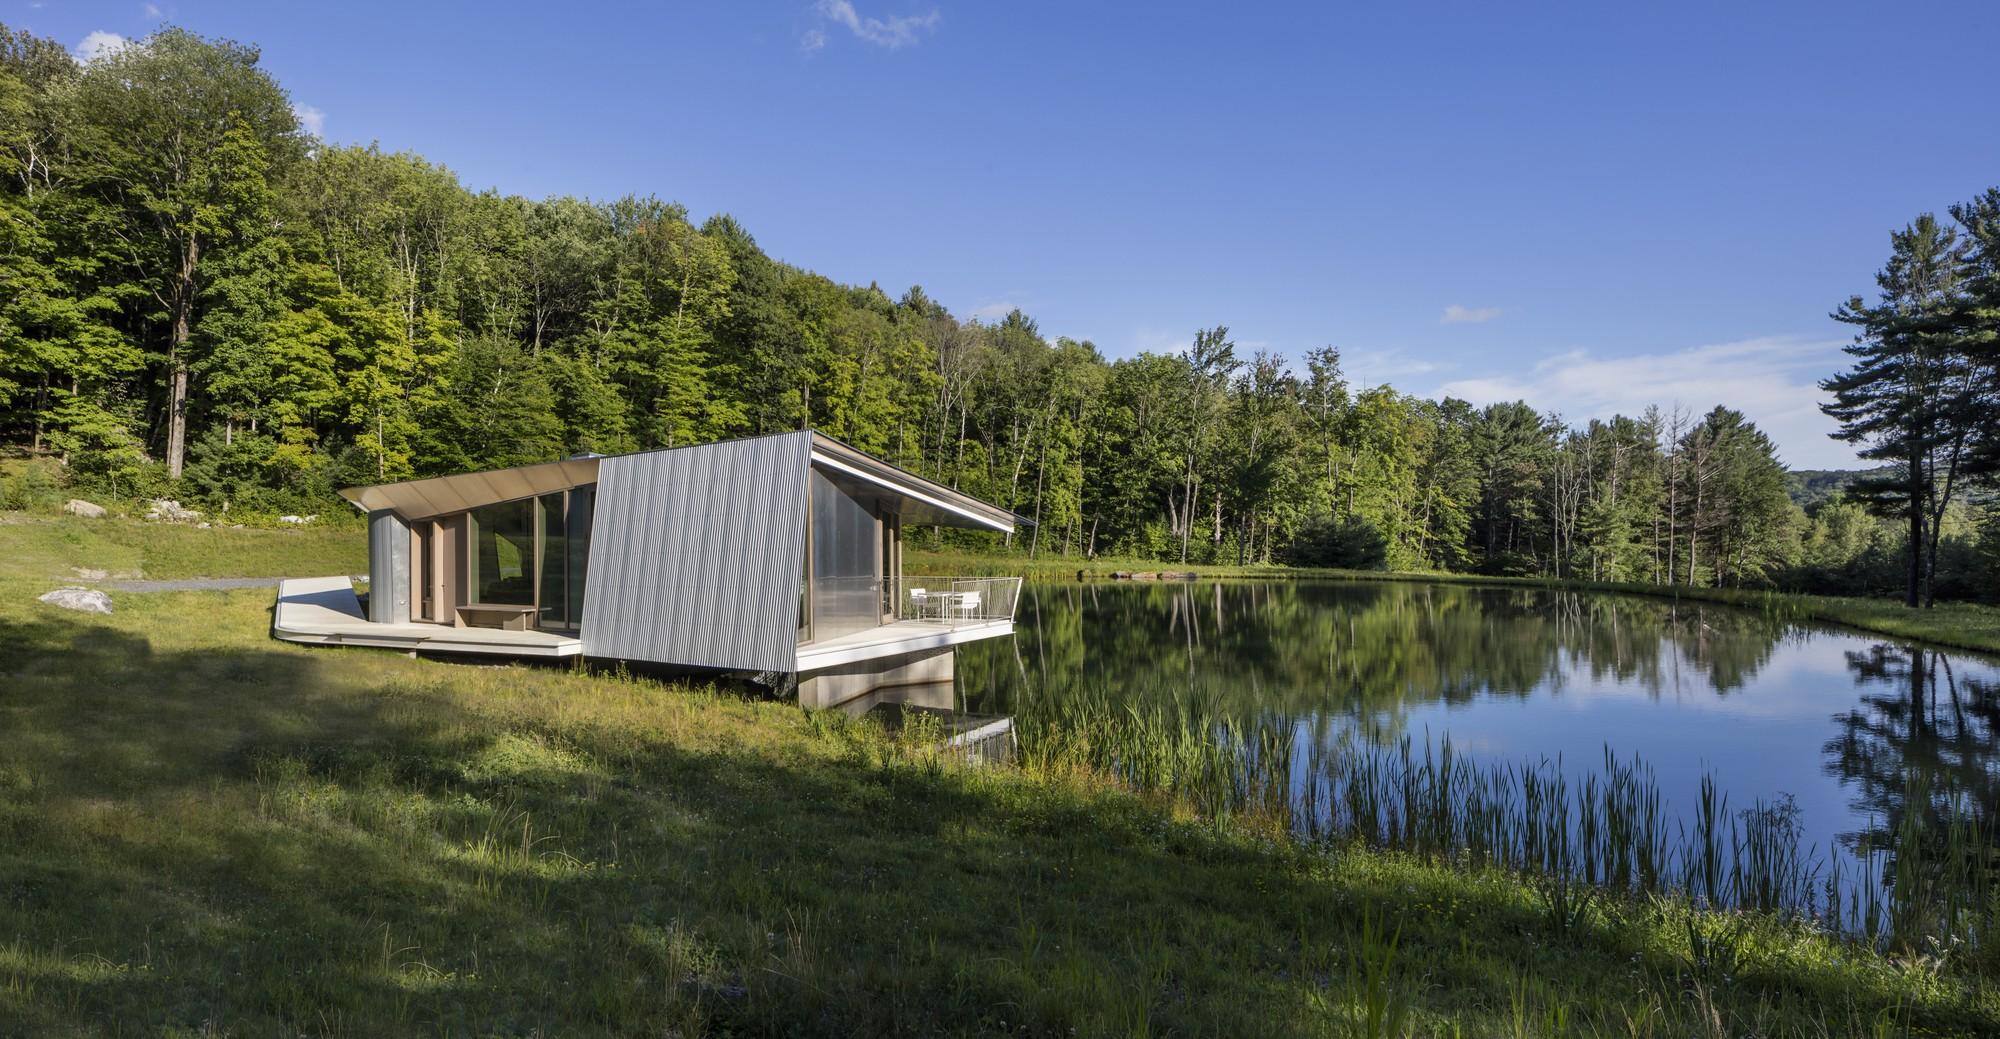 Загородный дом для отдыха на берегу пруда